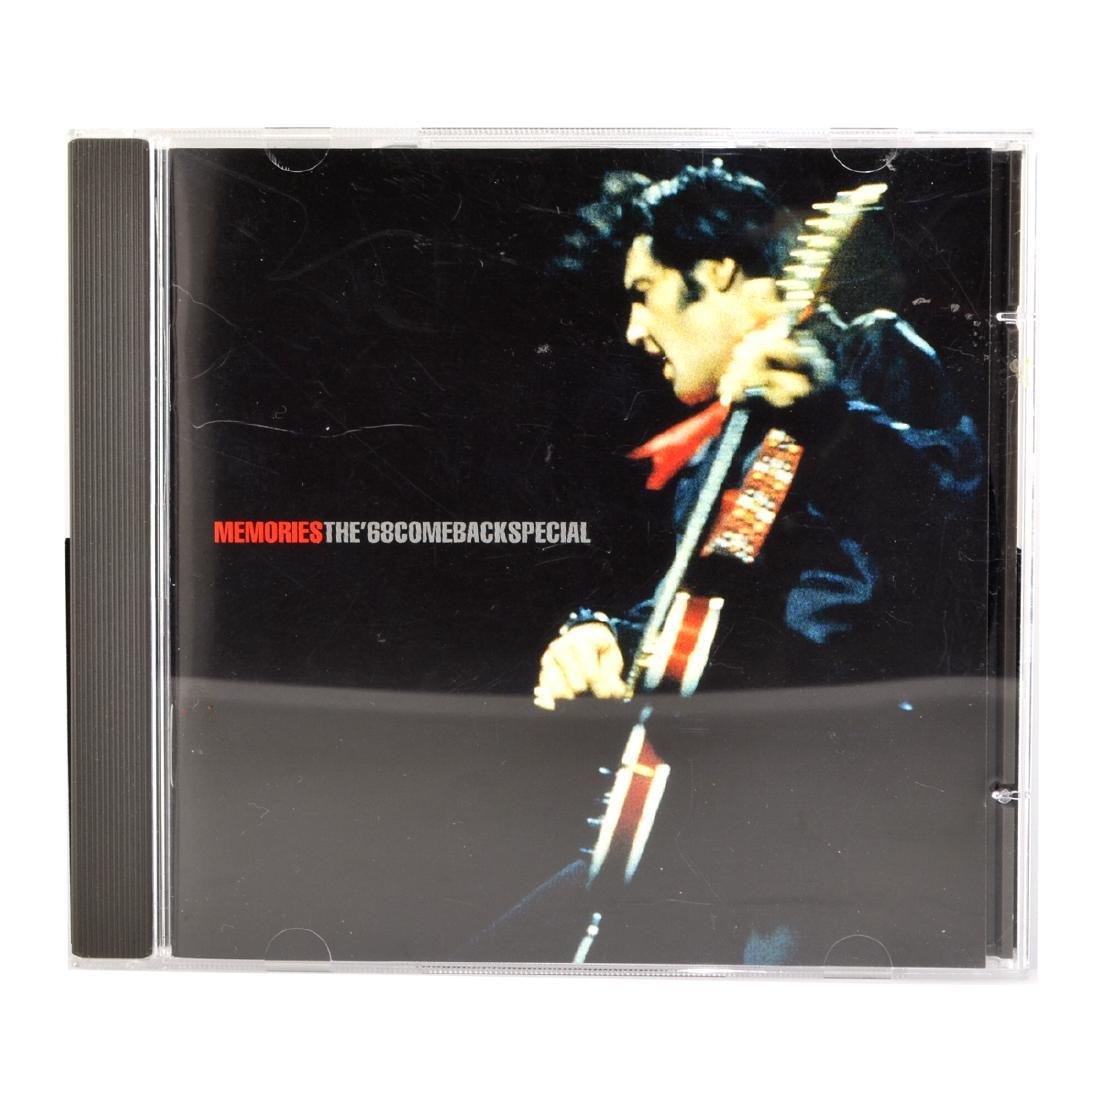 Elvis Presley CDs (As Is)